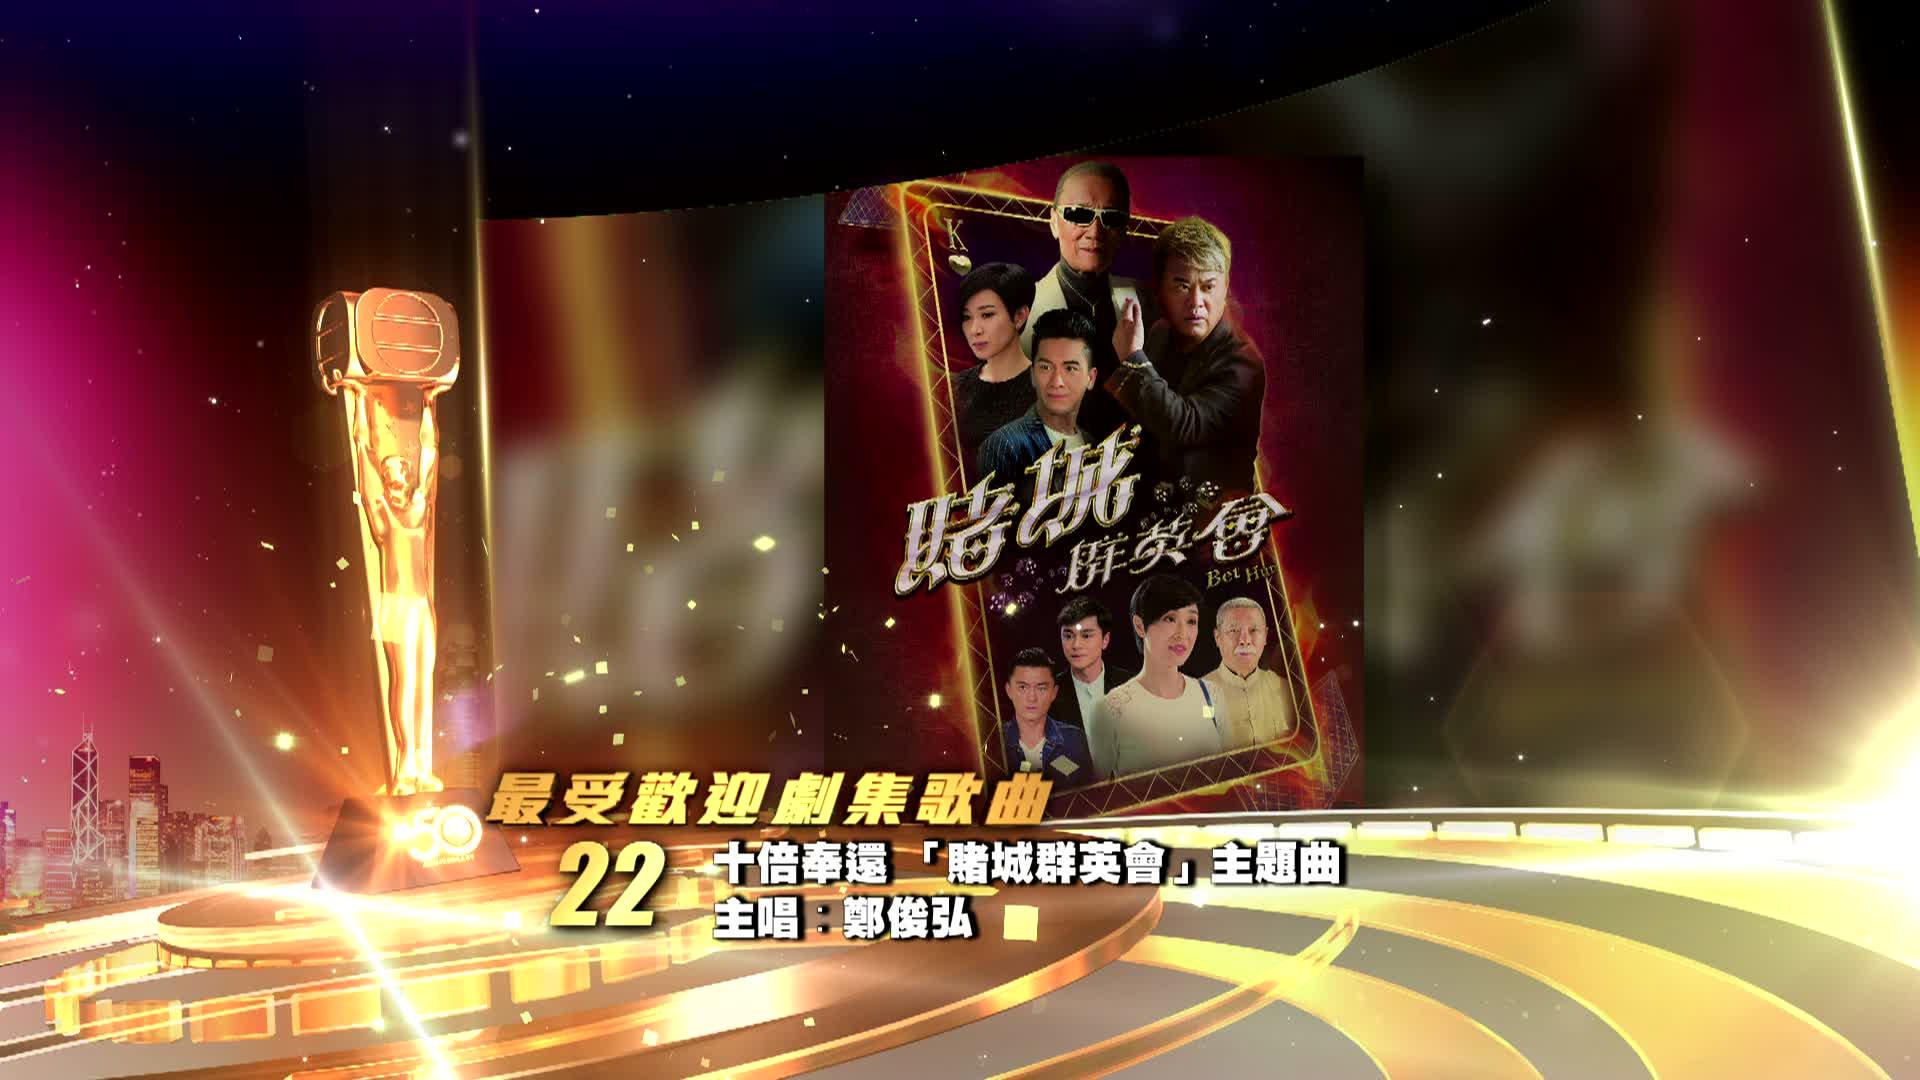 22.鄭俊弘-十倍奉還《賭城群英會》主題曲